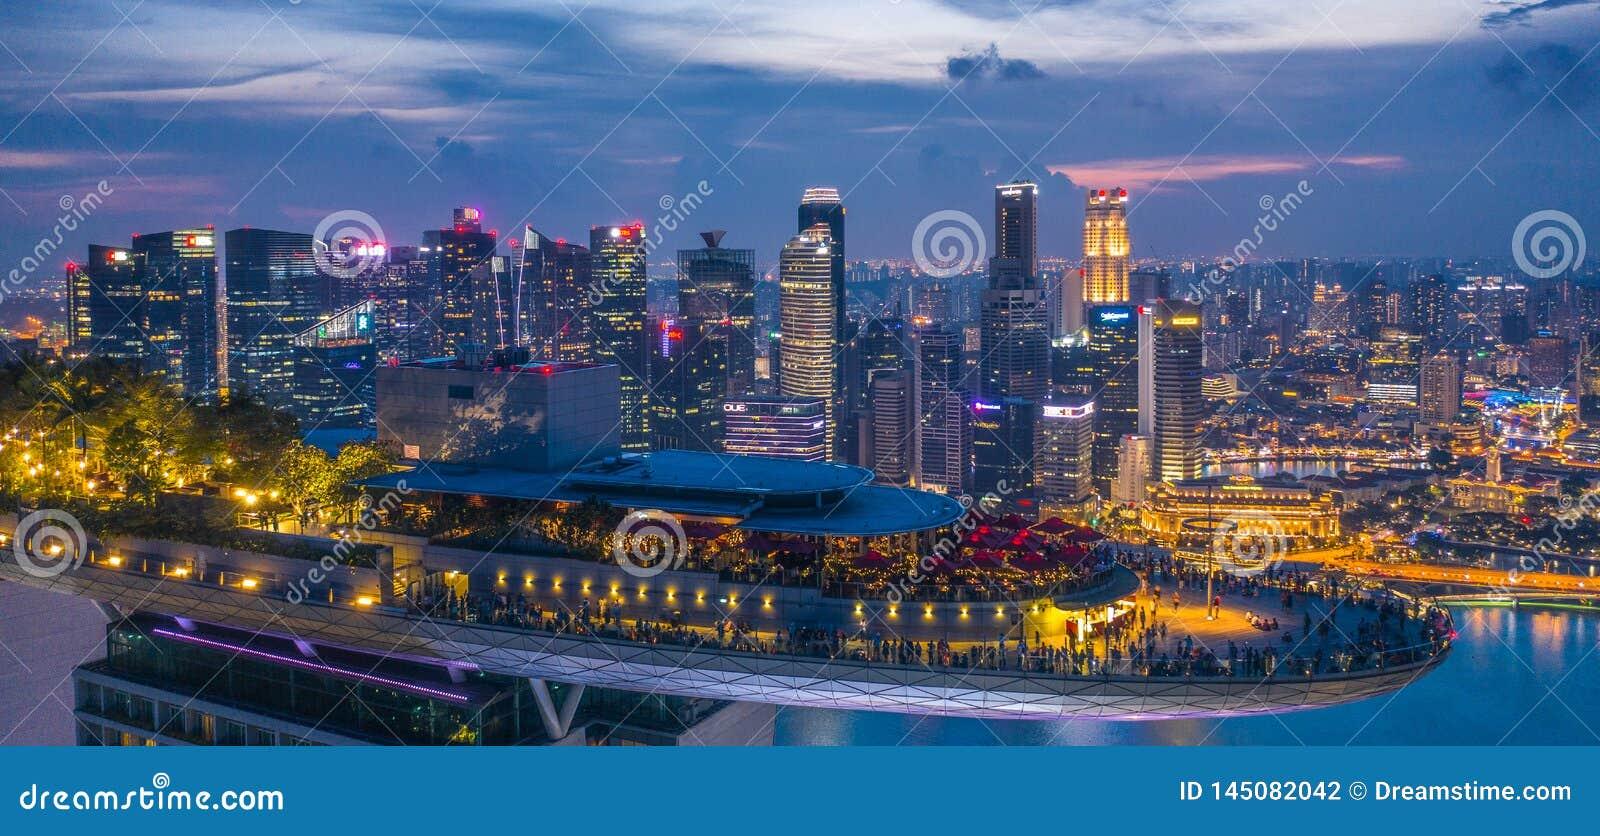 Marina Bay Hotel Skypark Skygarden Skybar en Singapur - nave espacial